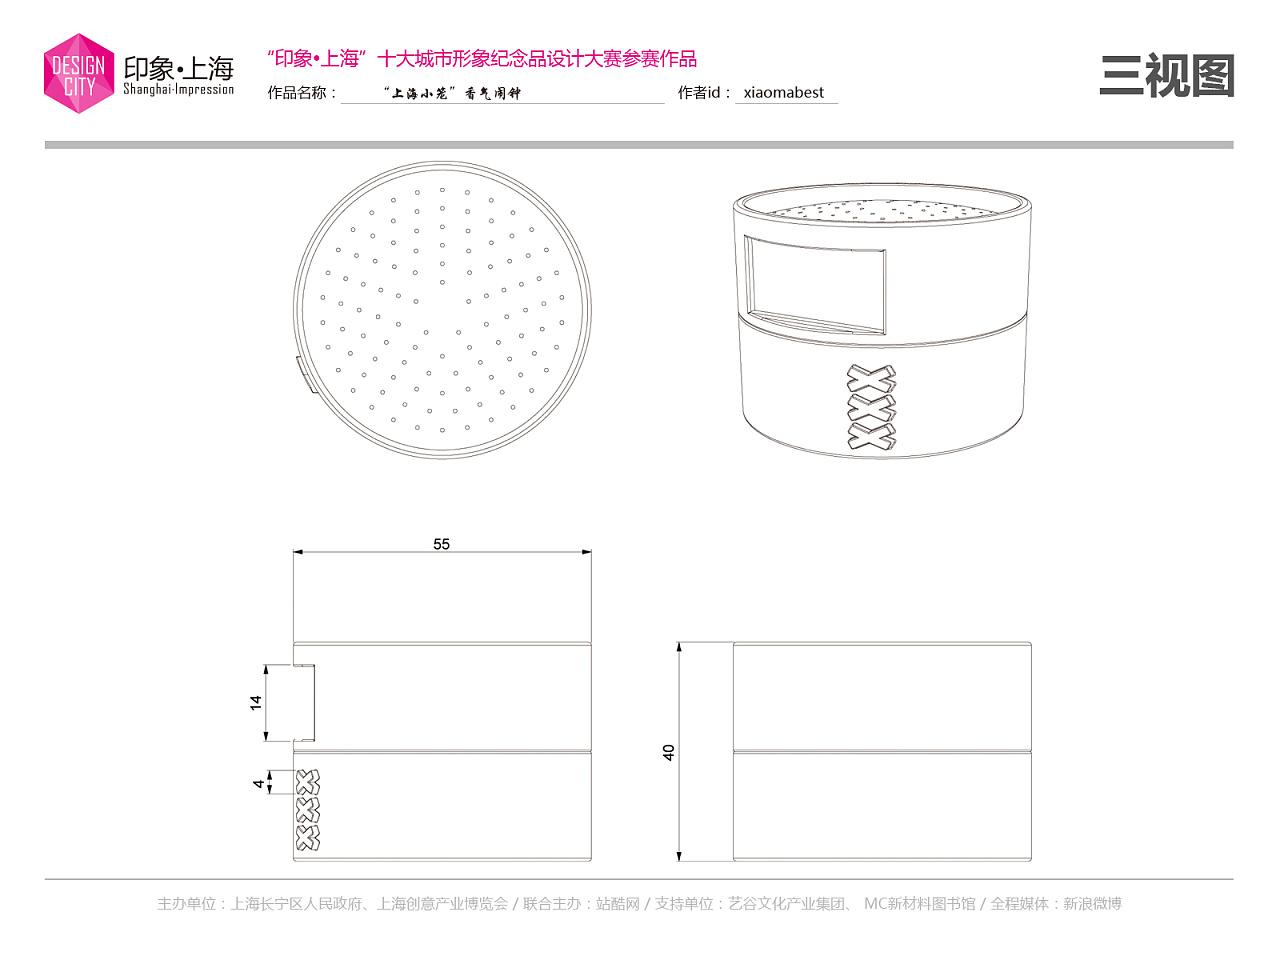 产品手绘效果图三视图